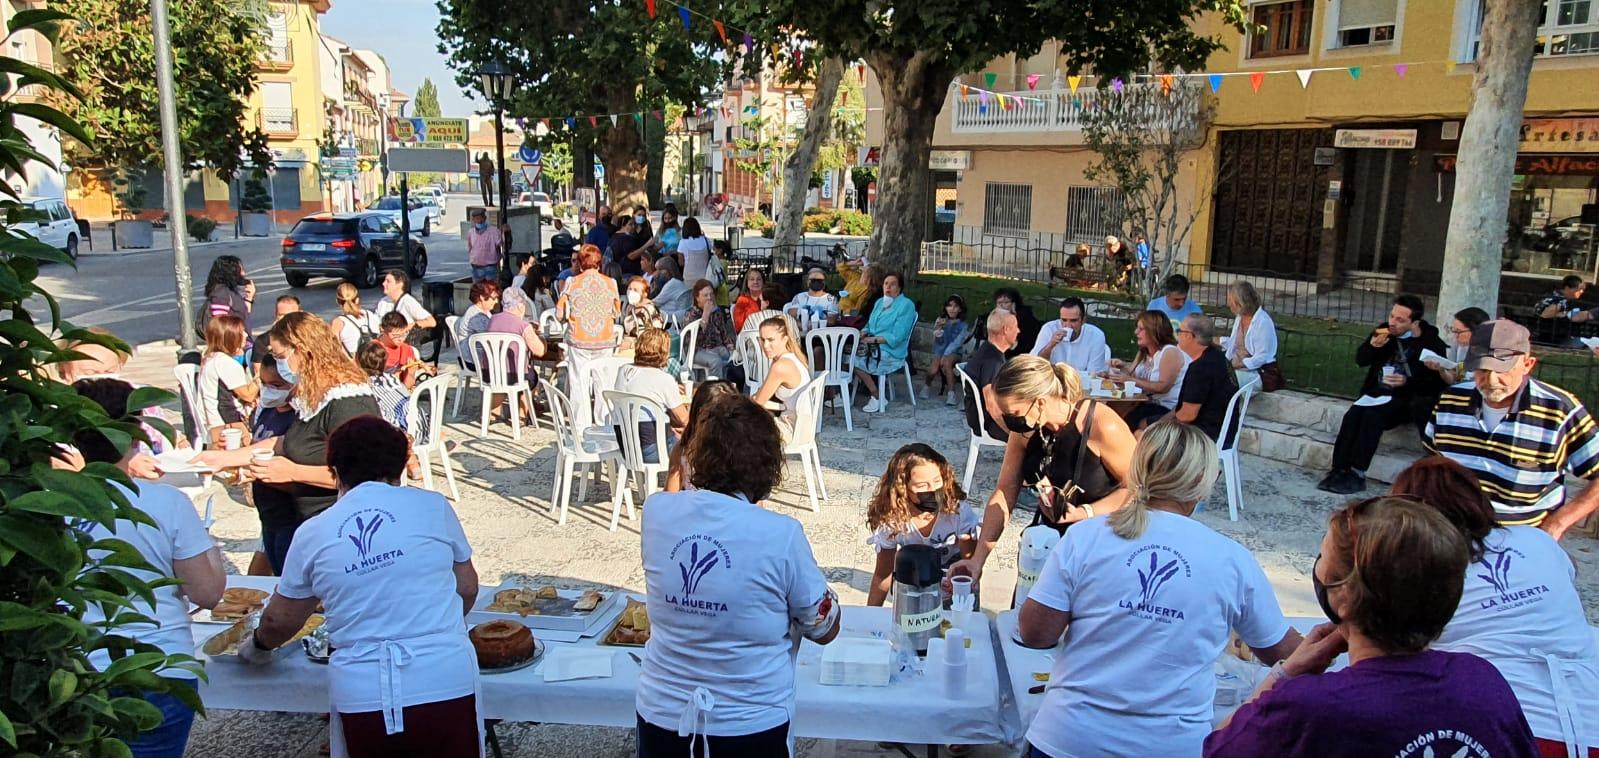 Voluntarias de Cúllar Vega recaudan más de 2.000 euros con un desayuno solidario para ayudar a los afectados por el volcán de La Palma